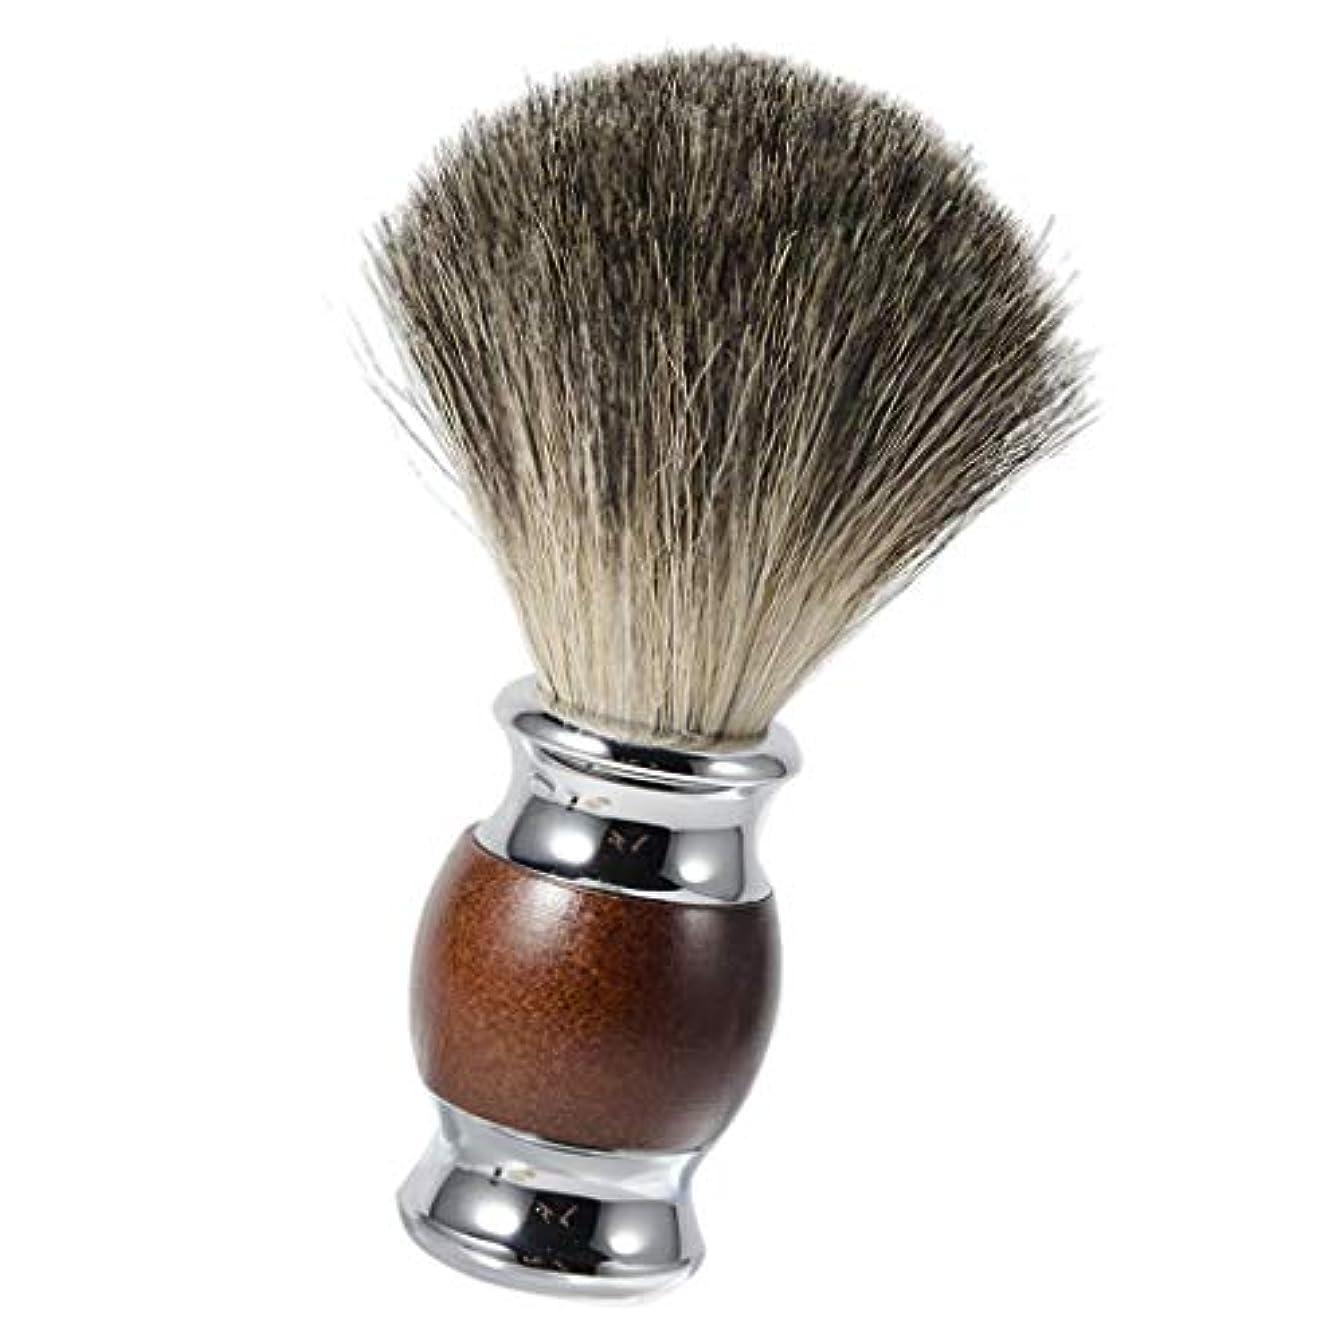 できないおしゃれじゃない本sharprepublic メンズ用 髭剃り ブラシ シェービングブラシ 木製ハンドル 理容 洗顔 髭剃り ギフト